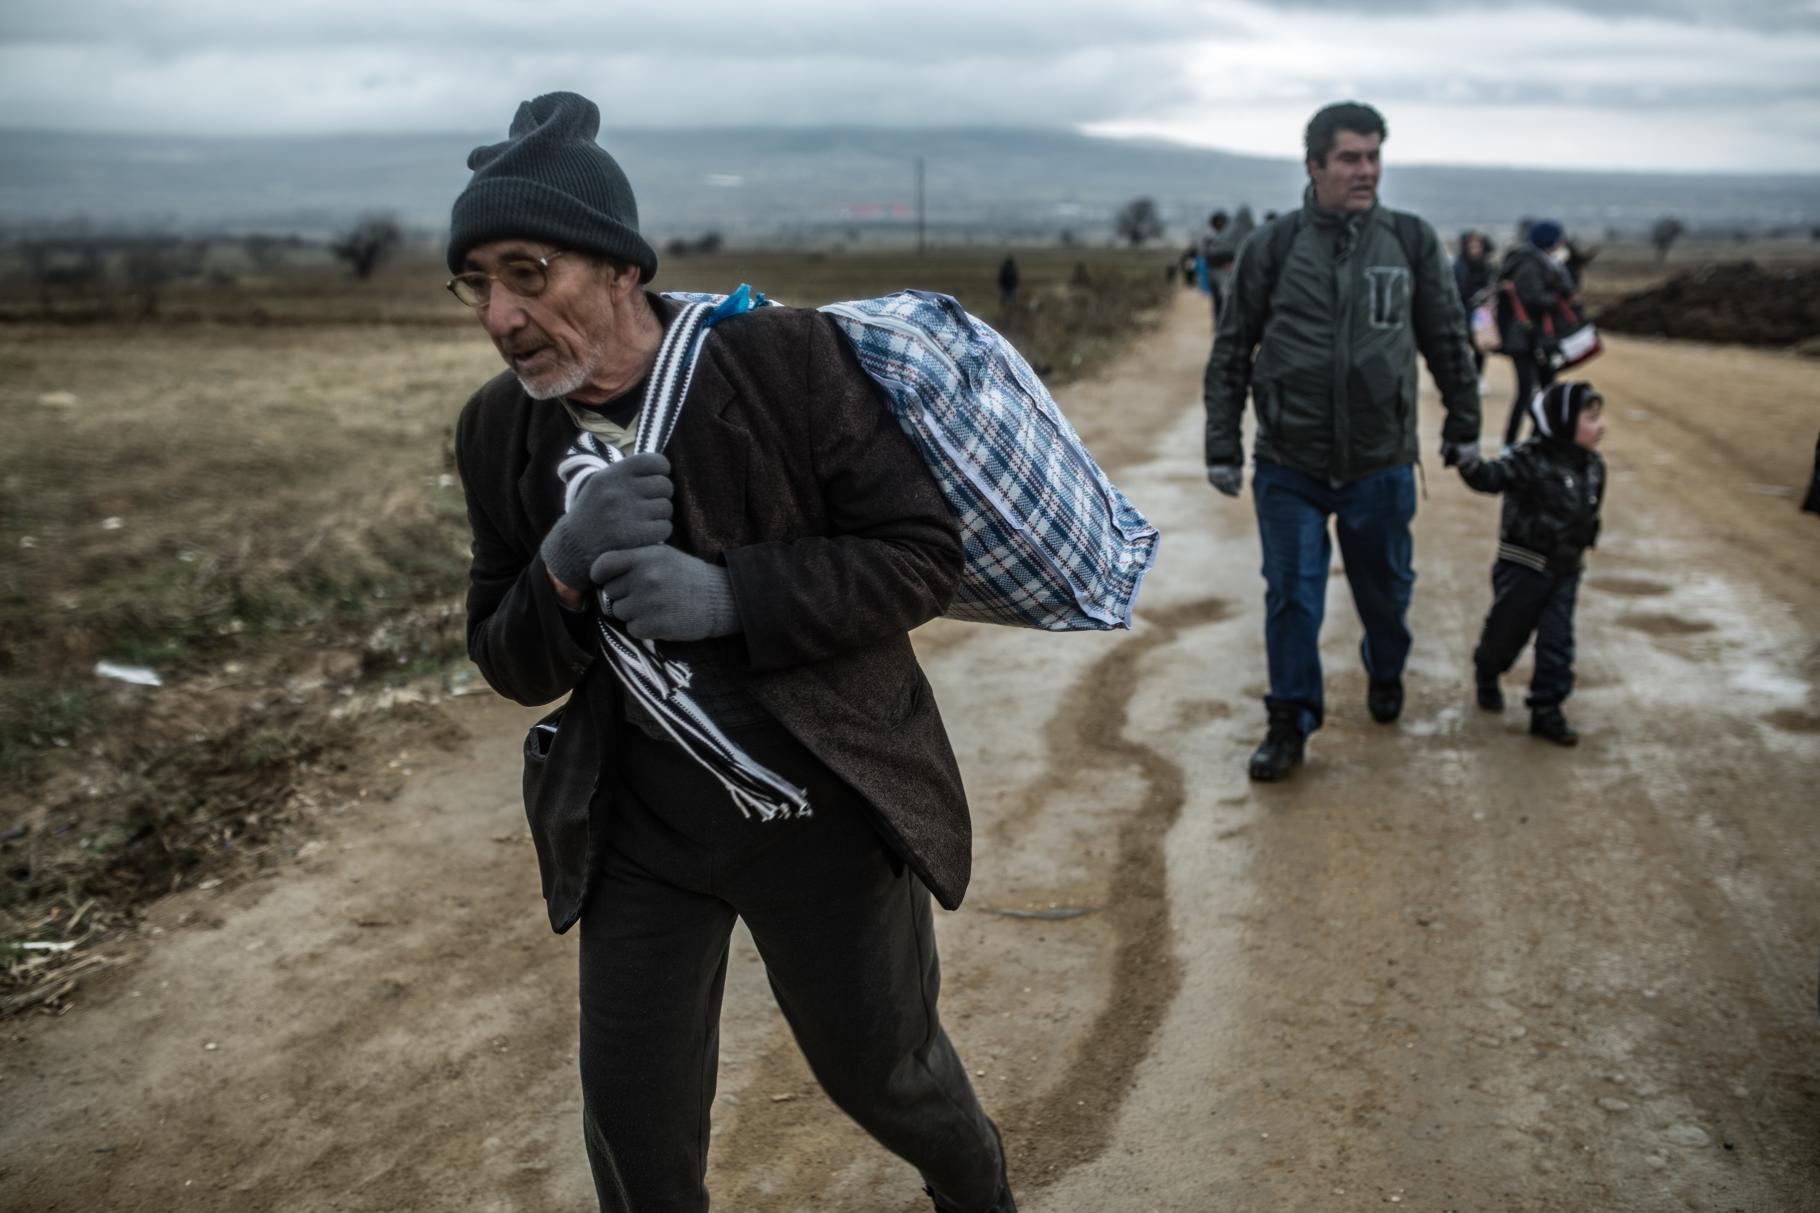 Menschen auf der Flucht - Grenze zwischen Mazedonien und Serbien